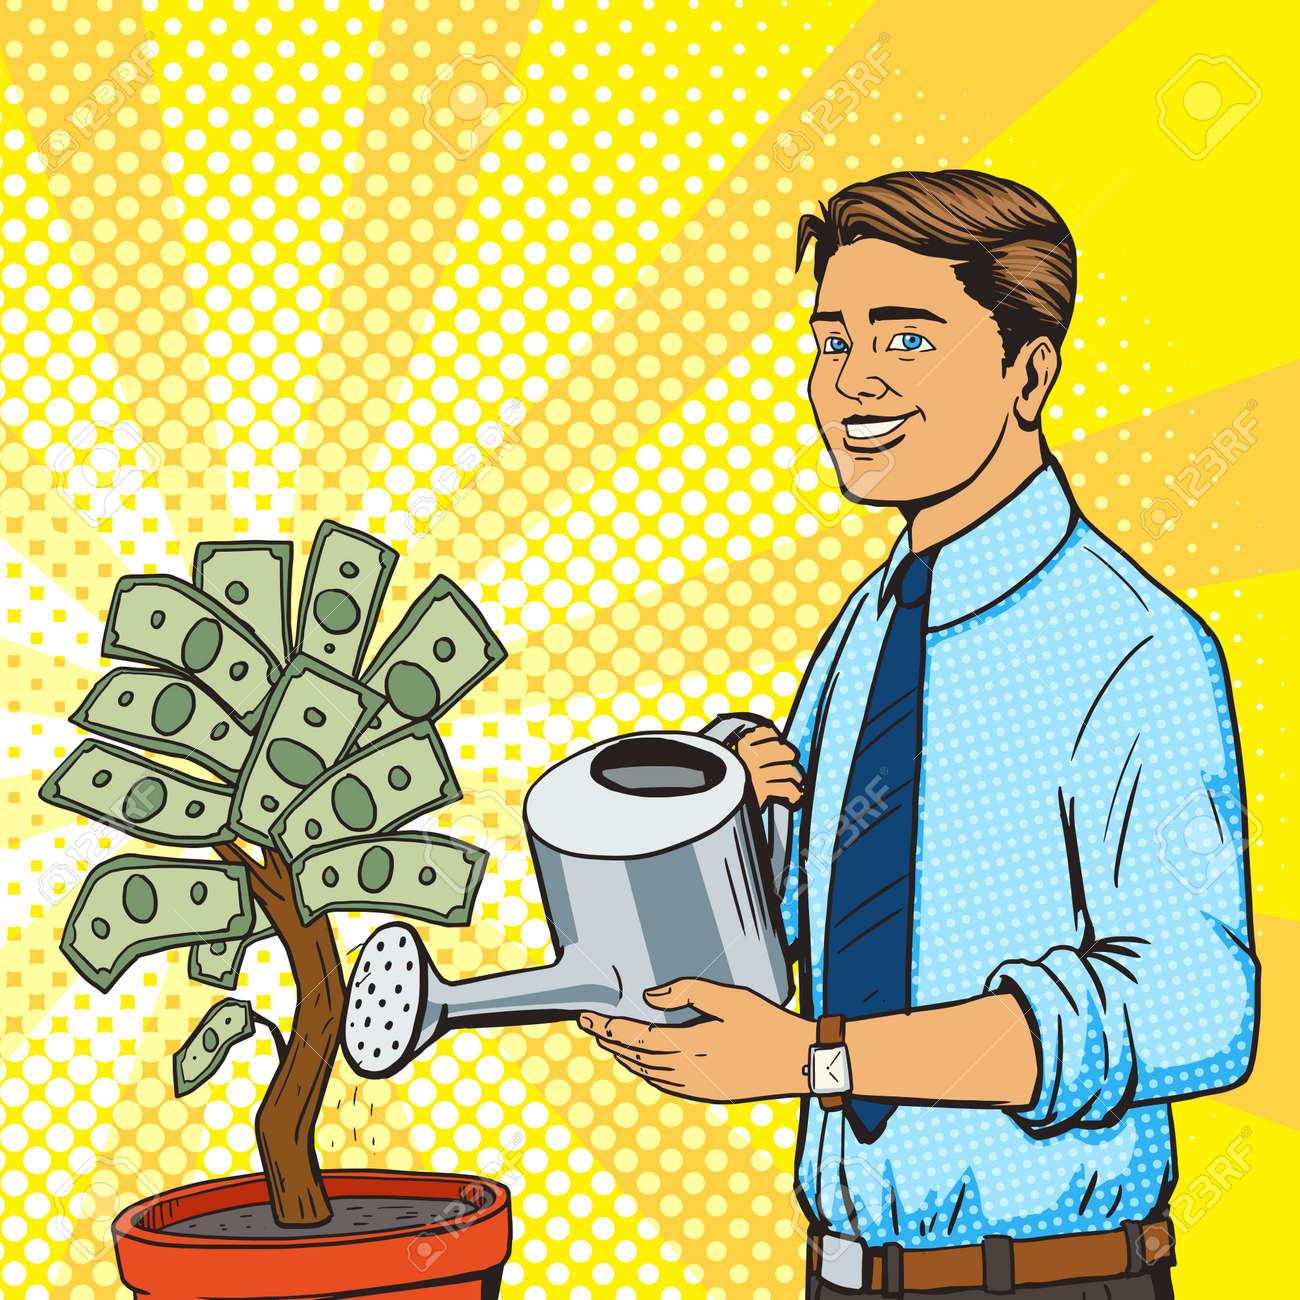 El dinero no crece en los árboles, y se requiere de mucha inteligencia para lograr ser multimillonario. Jeff Bezos nos recuerda en sus consejos la importancia de abrir nuestras mentes.